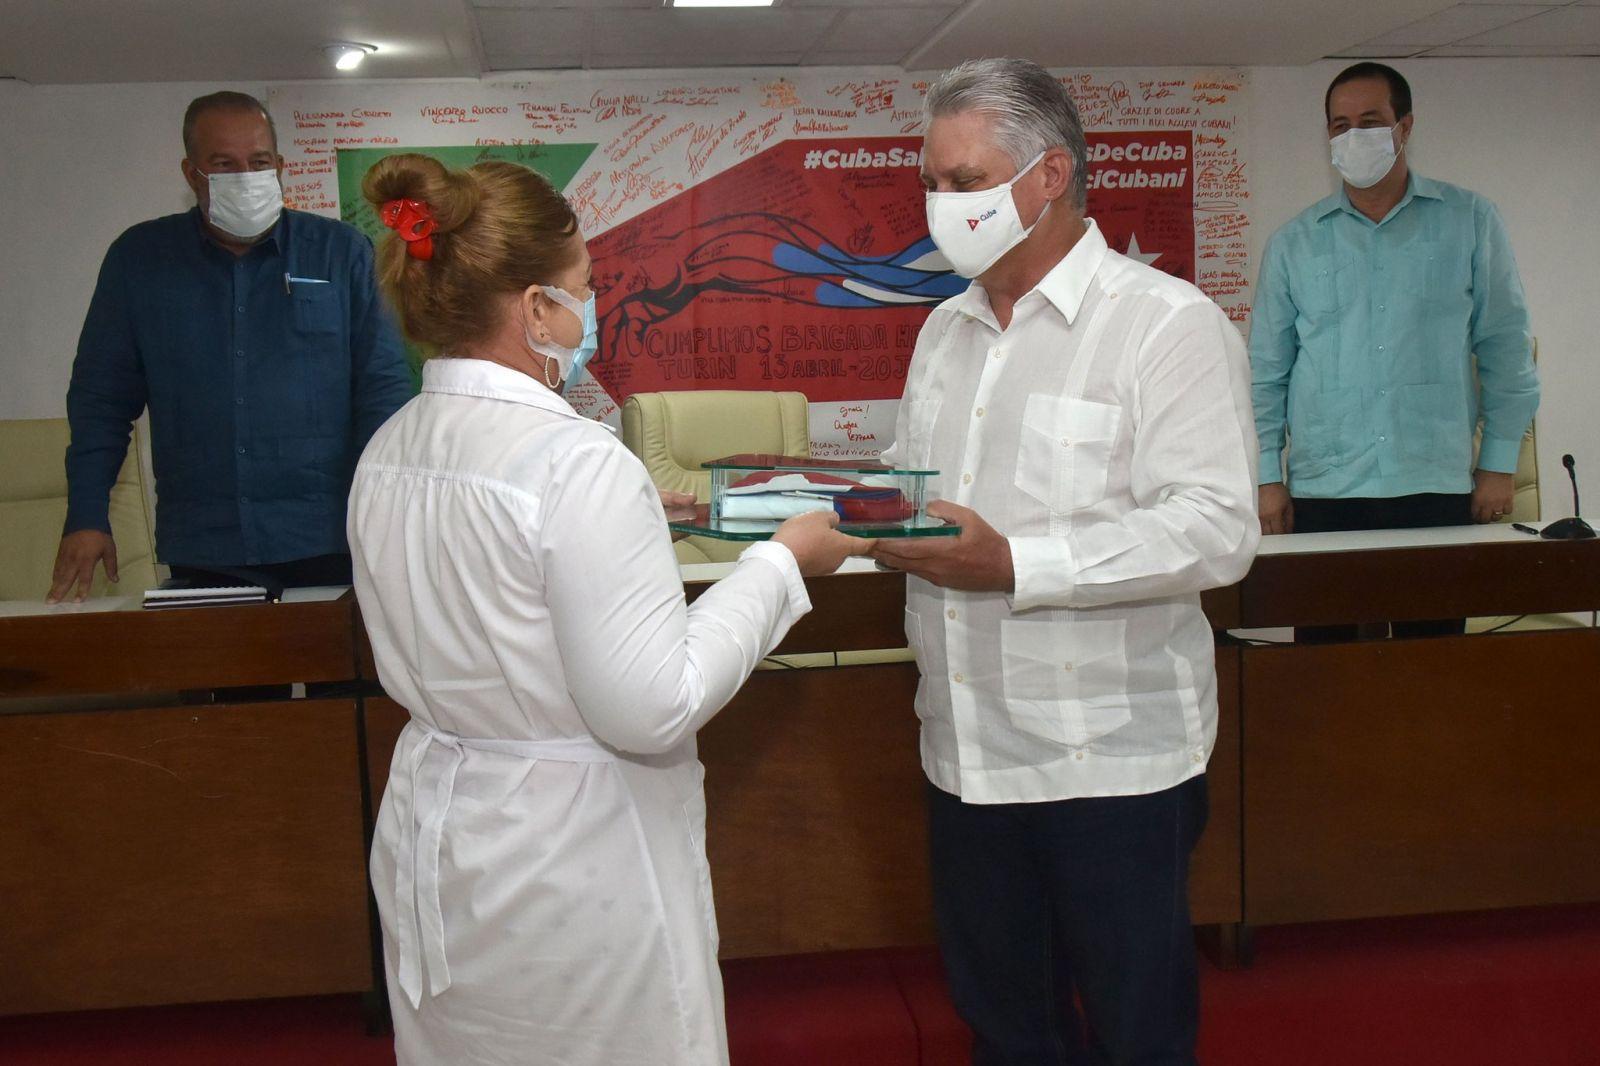 Se reúne Díaz-Canel con miembros de Brigadas Henry Reeve provenientes de Turín y San Vicente y las Granadinas